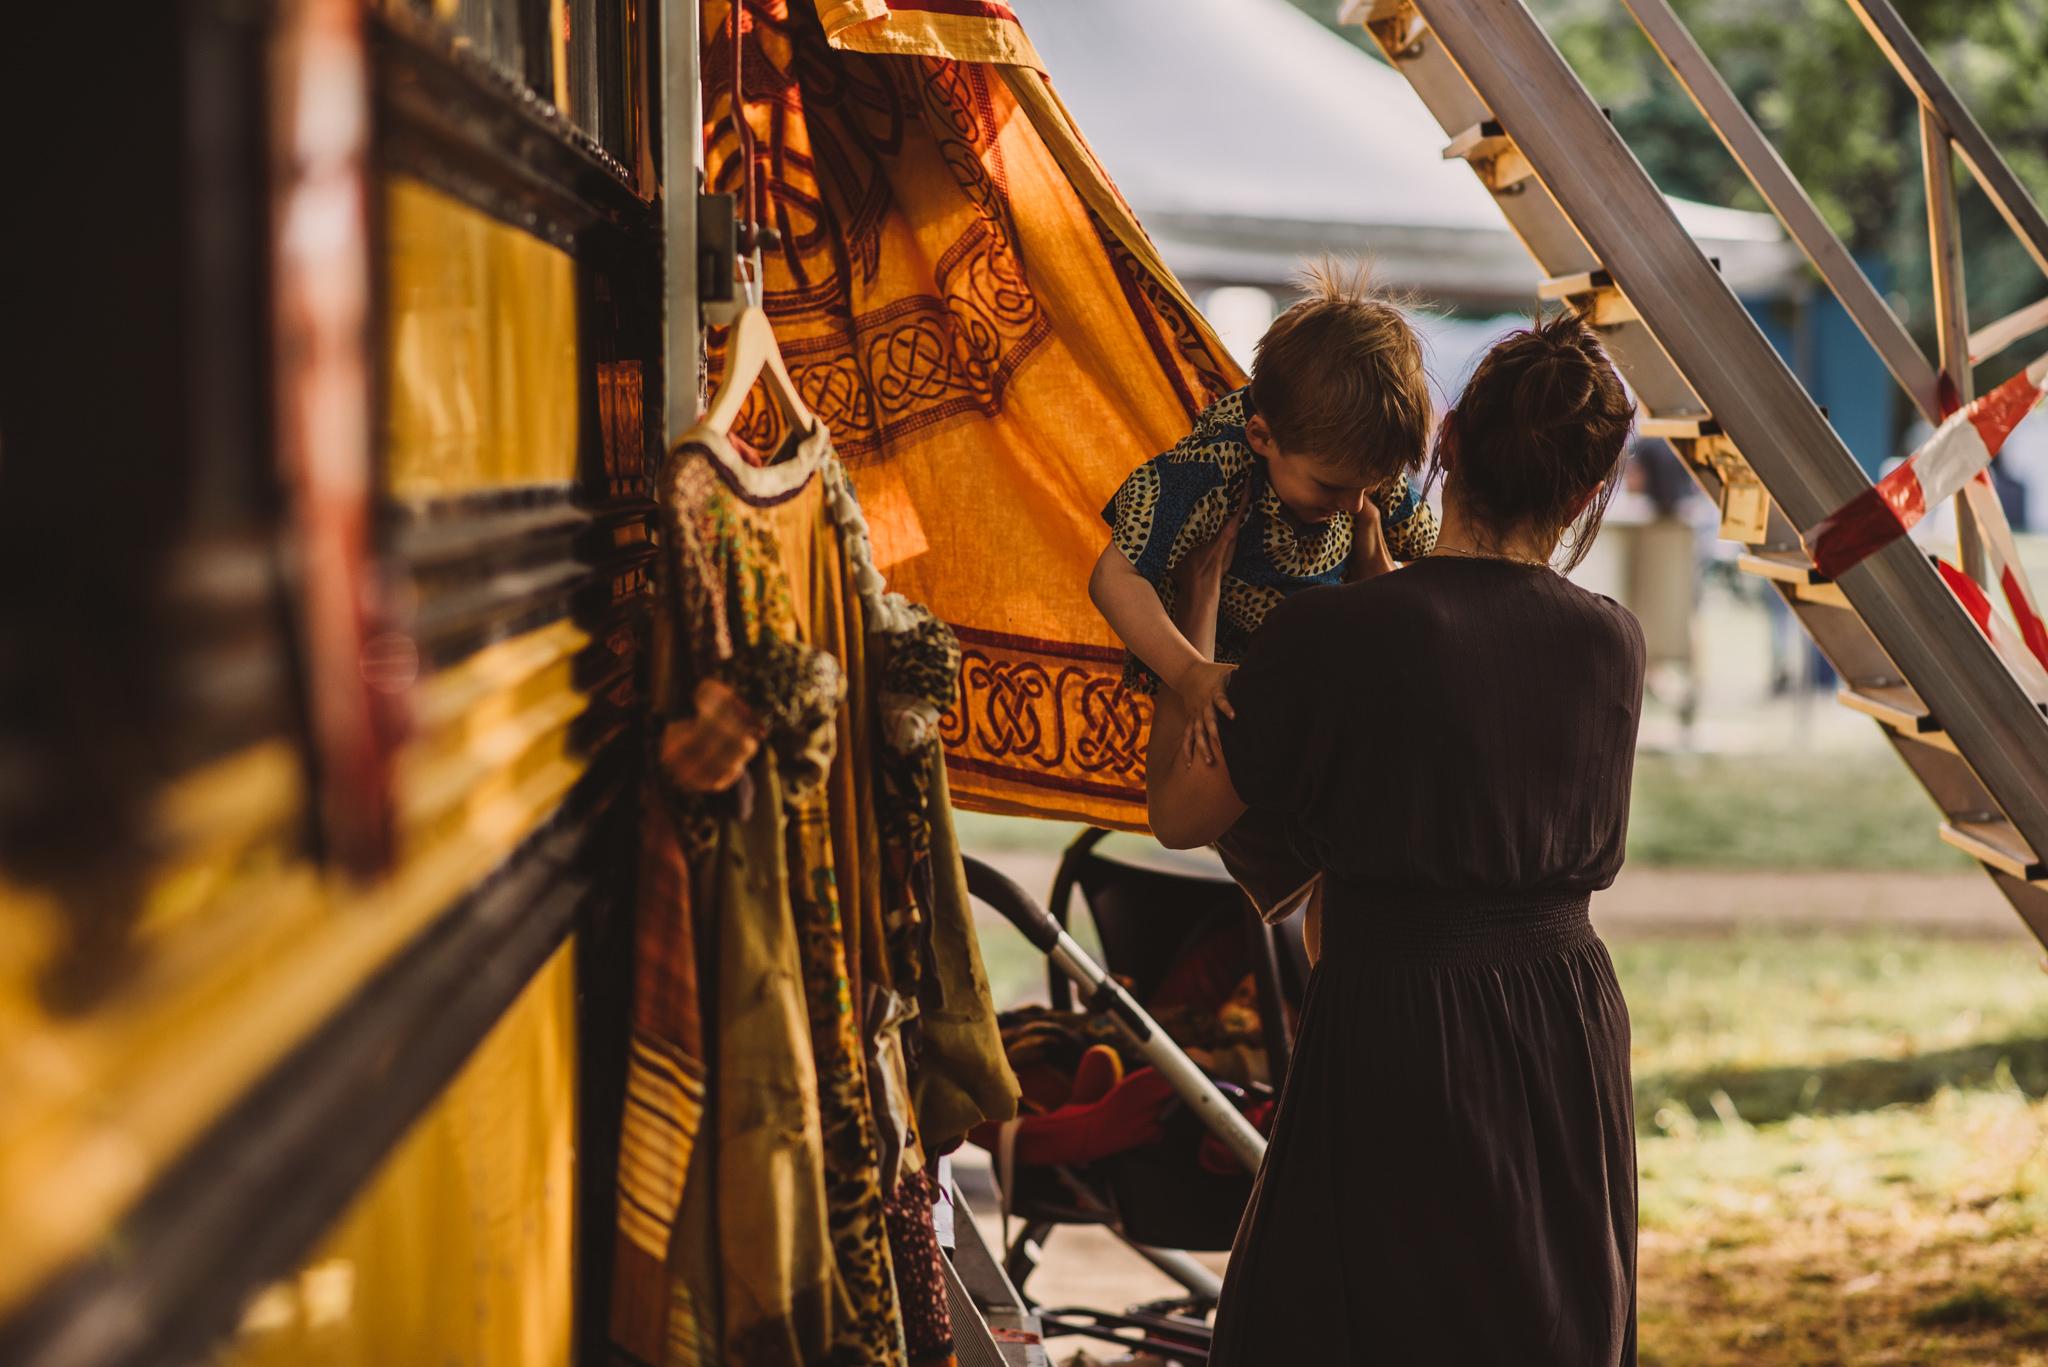 houtfestival-blog-6969.jpg